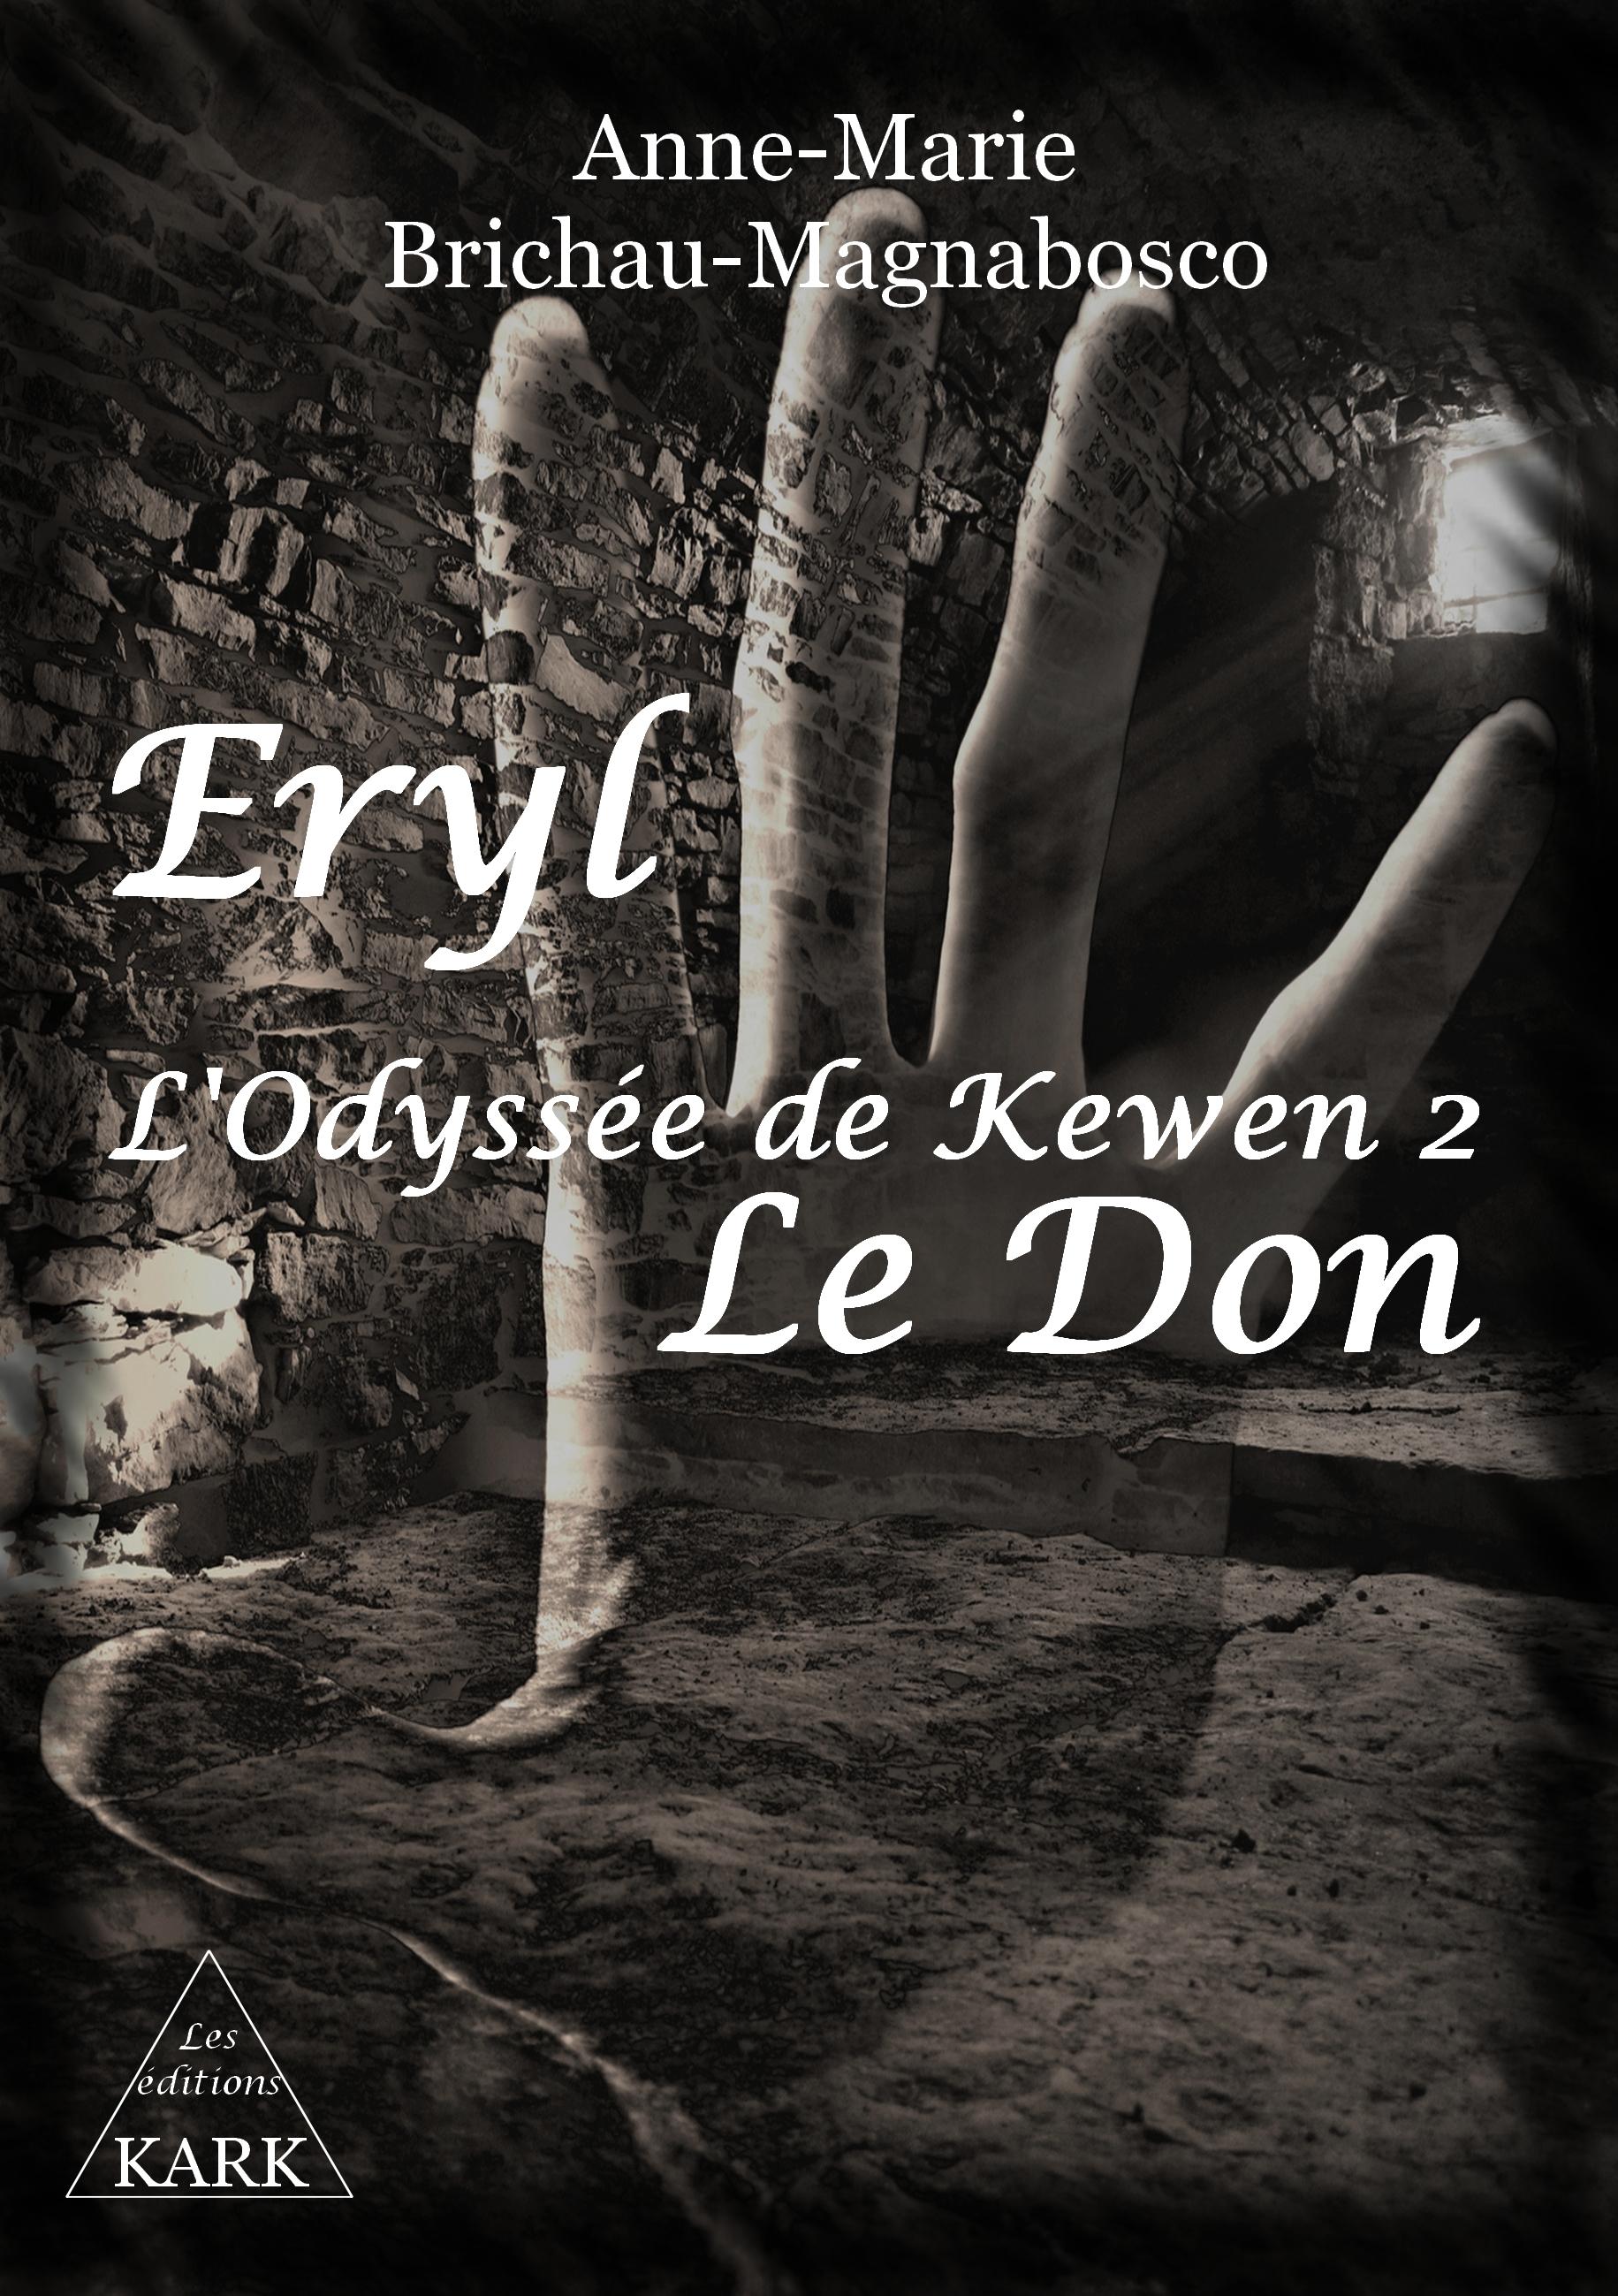 Eryl l'Odyssée de Kewen 2: Le Don – Anne-Marie Brichau-Magnabosco